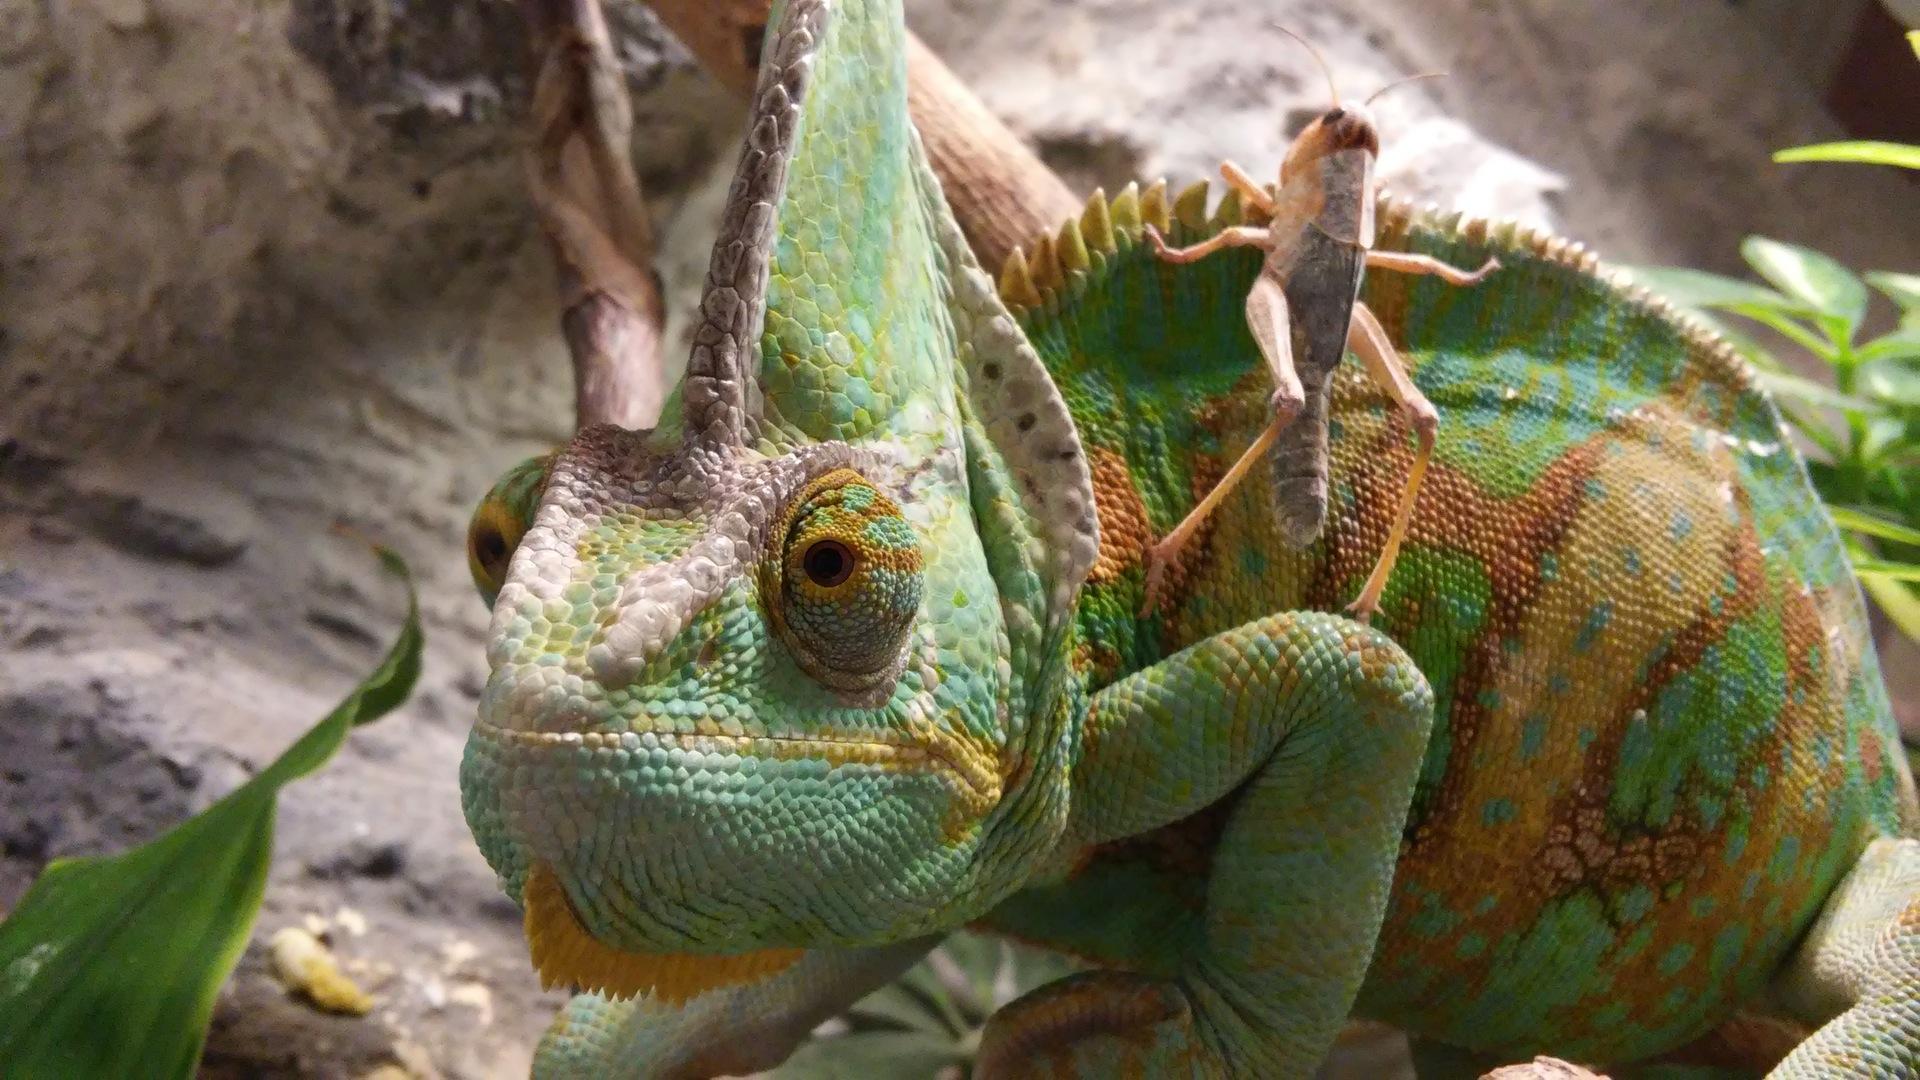 变色龙, 蚱蜢, bug, 爬行动物, 野生动物, 绿色-屏幕高清壁纸 - 教授-falken.com